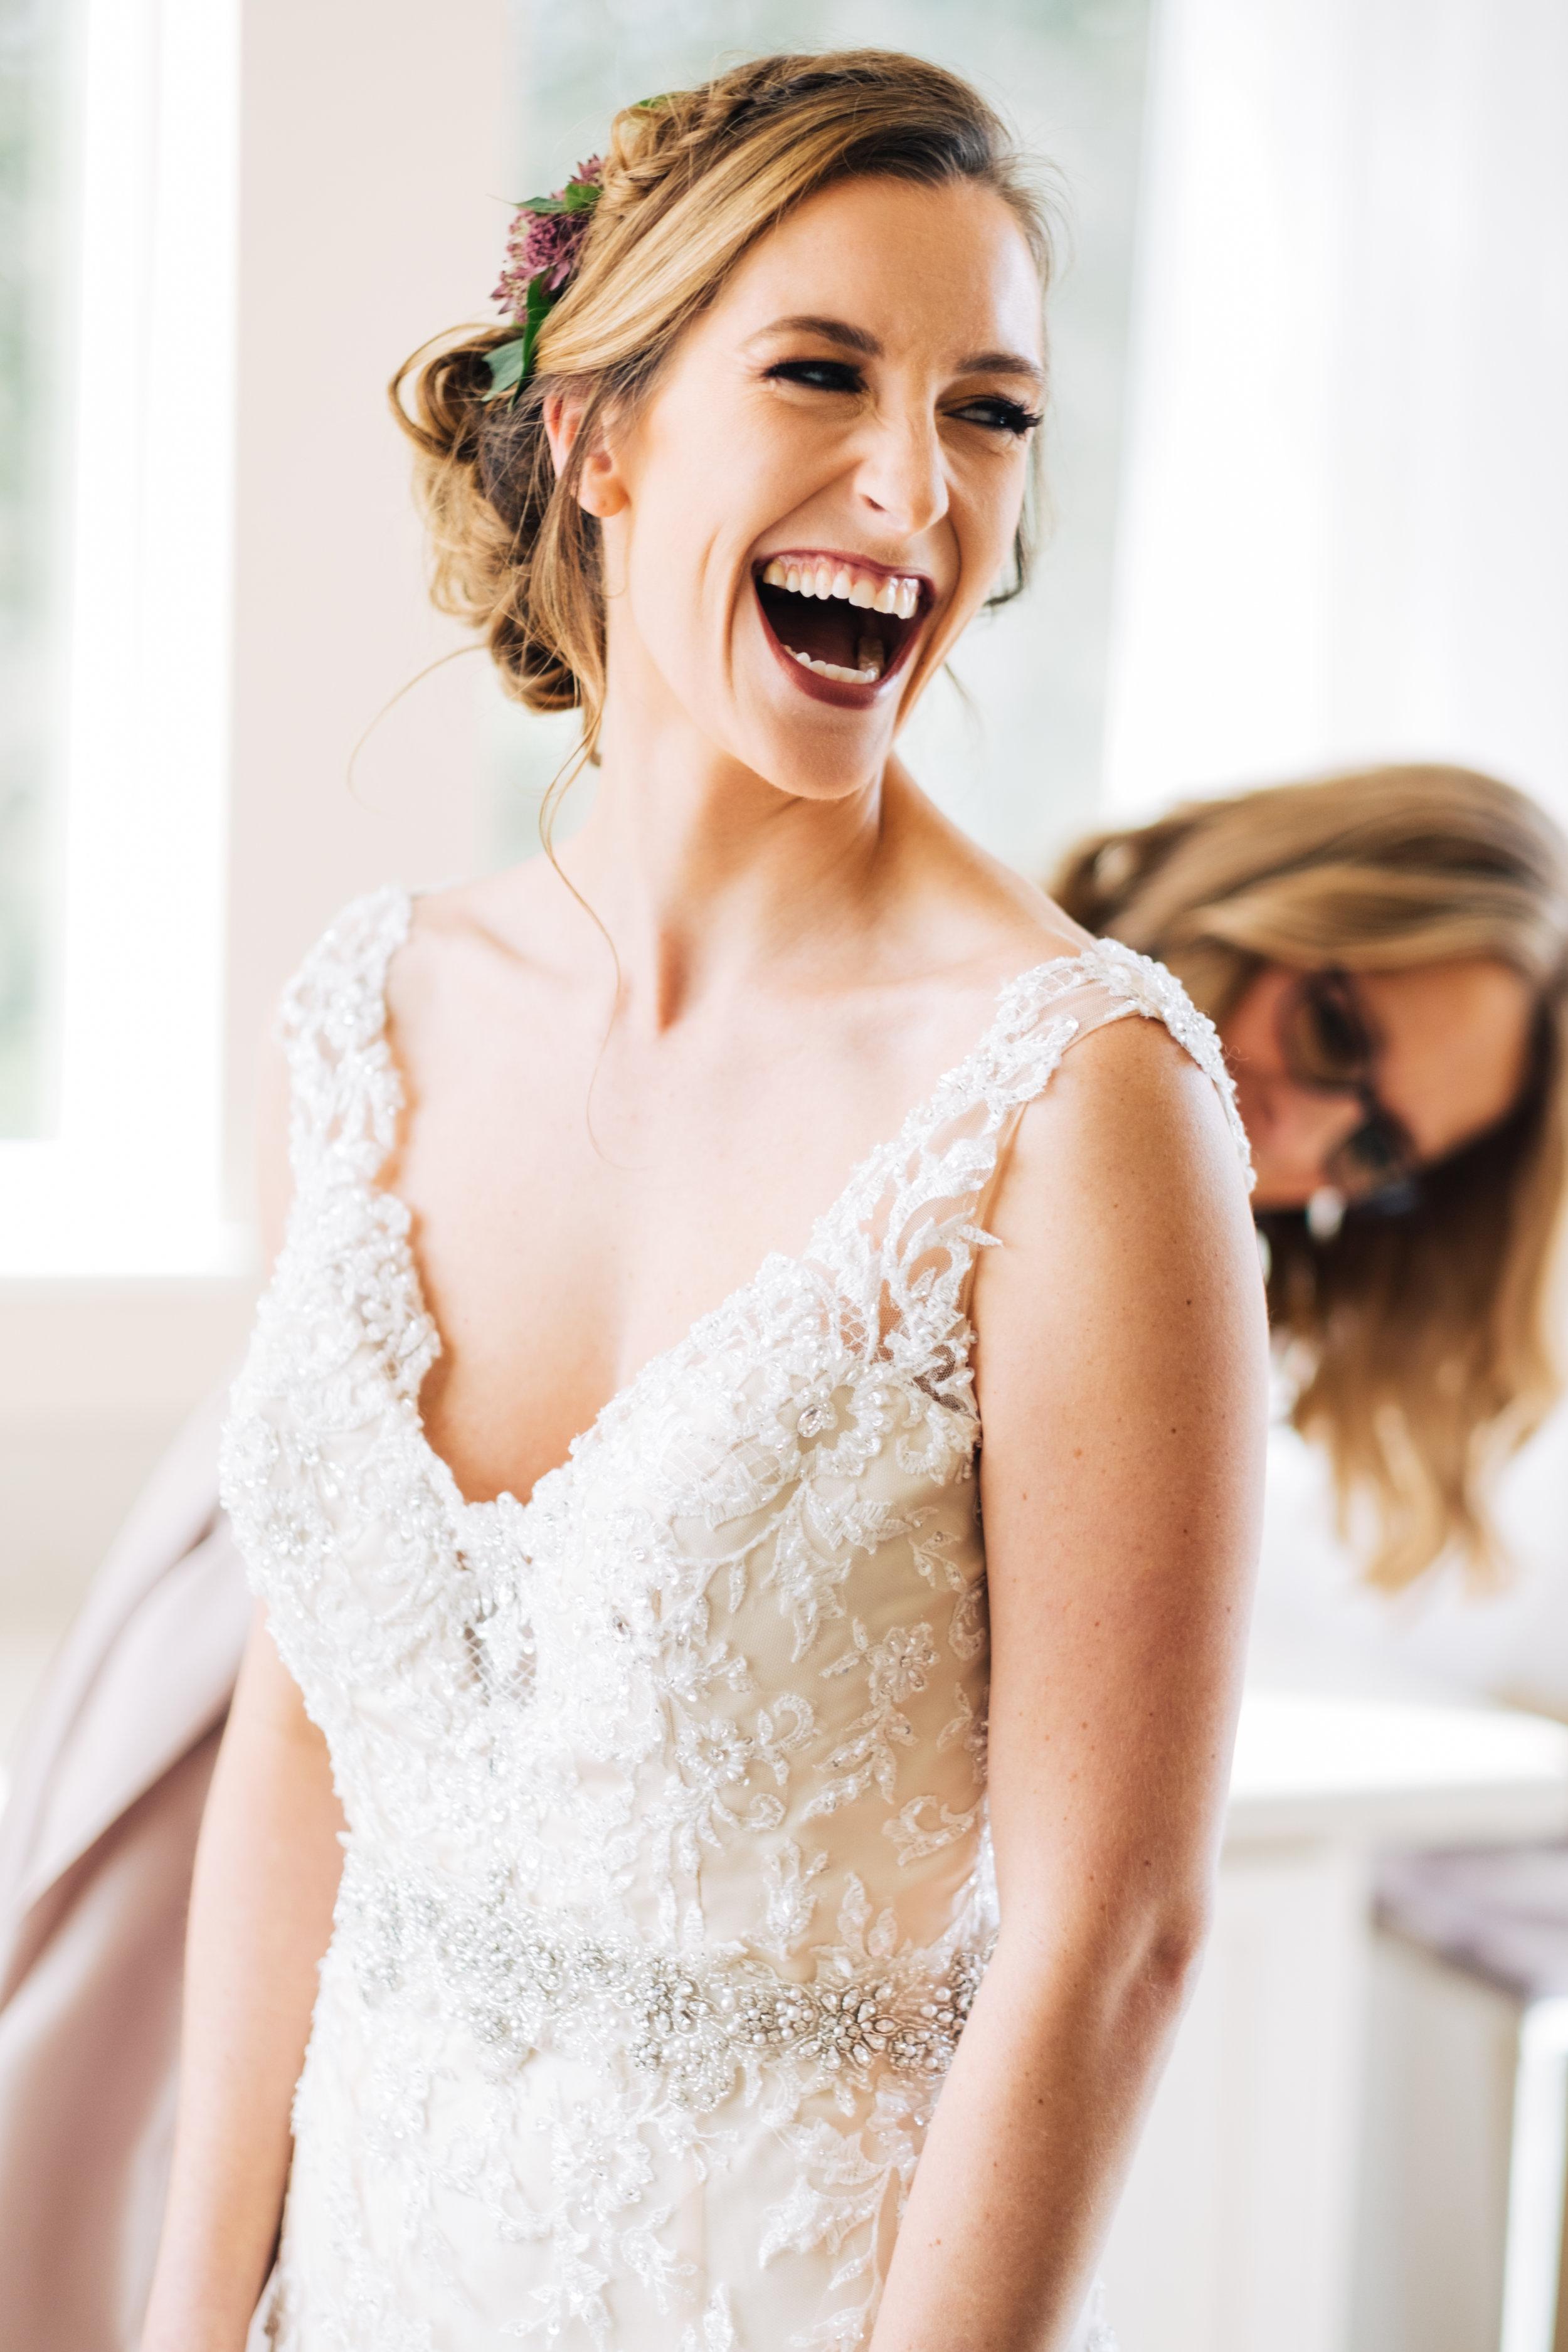 Bluegrass Chic - bride